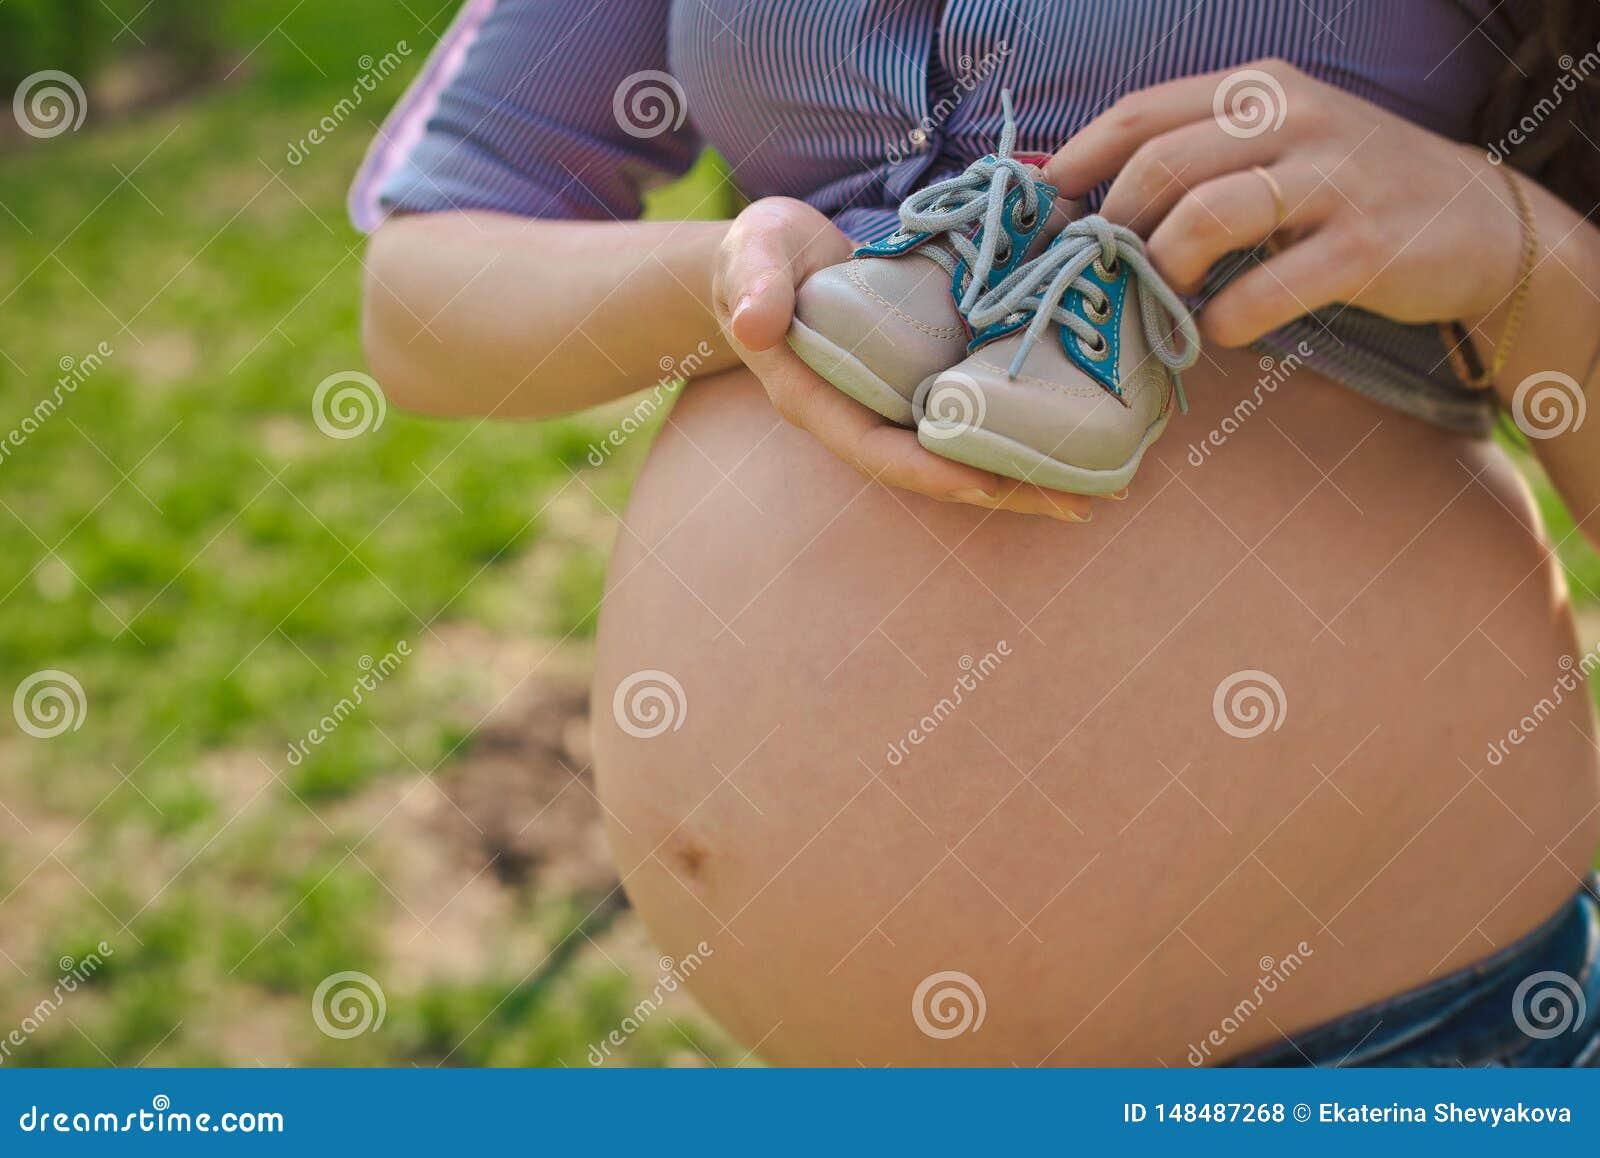 Έγκυος αναμένουσα μητέρα κοριτσιών